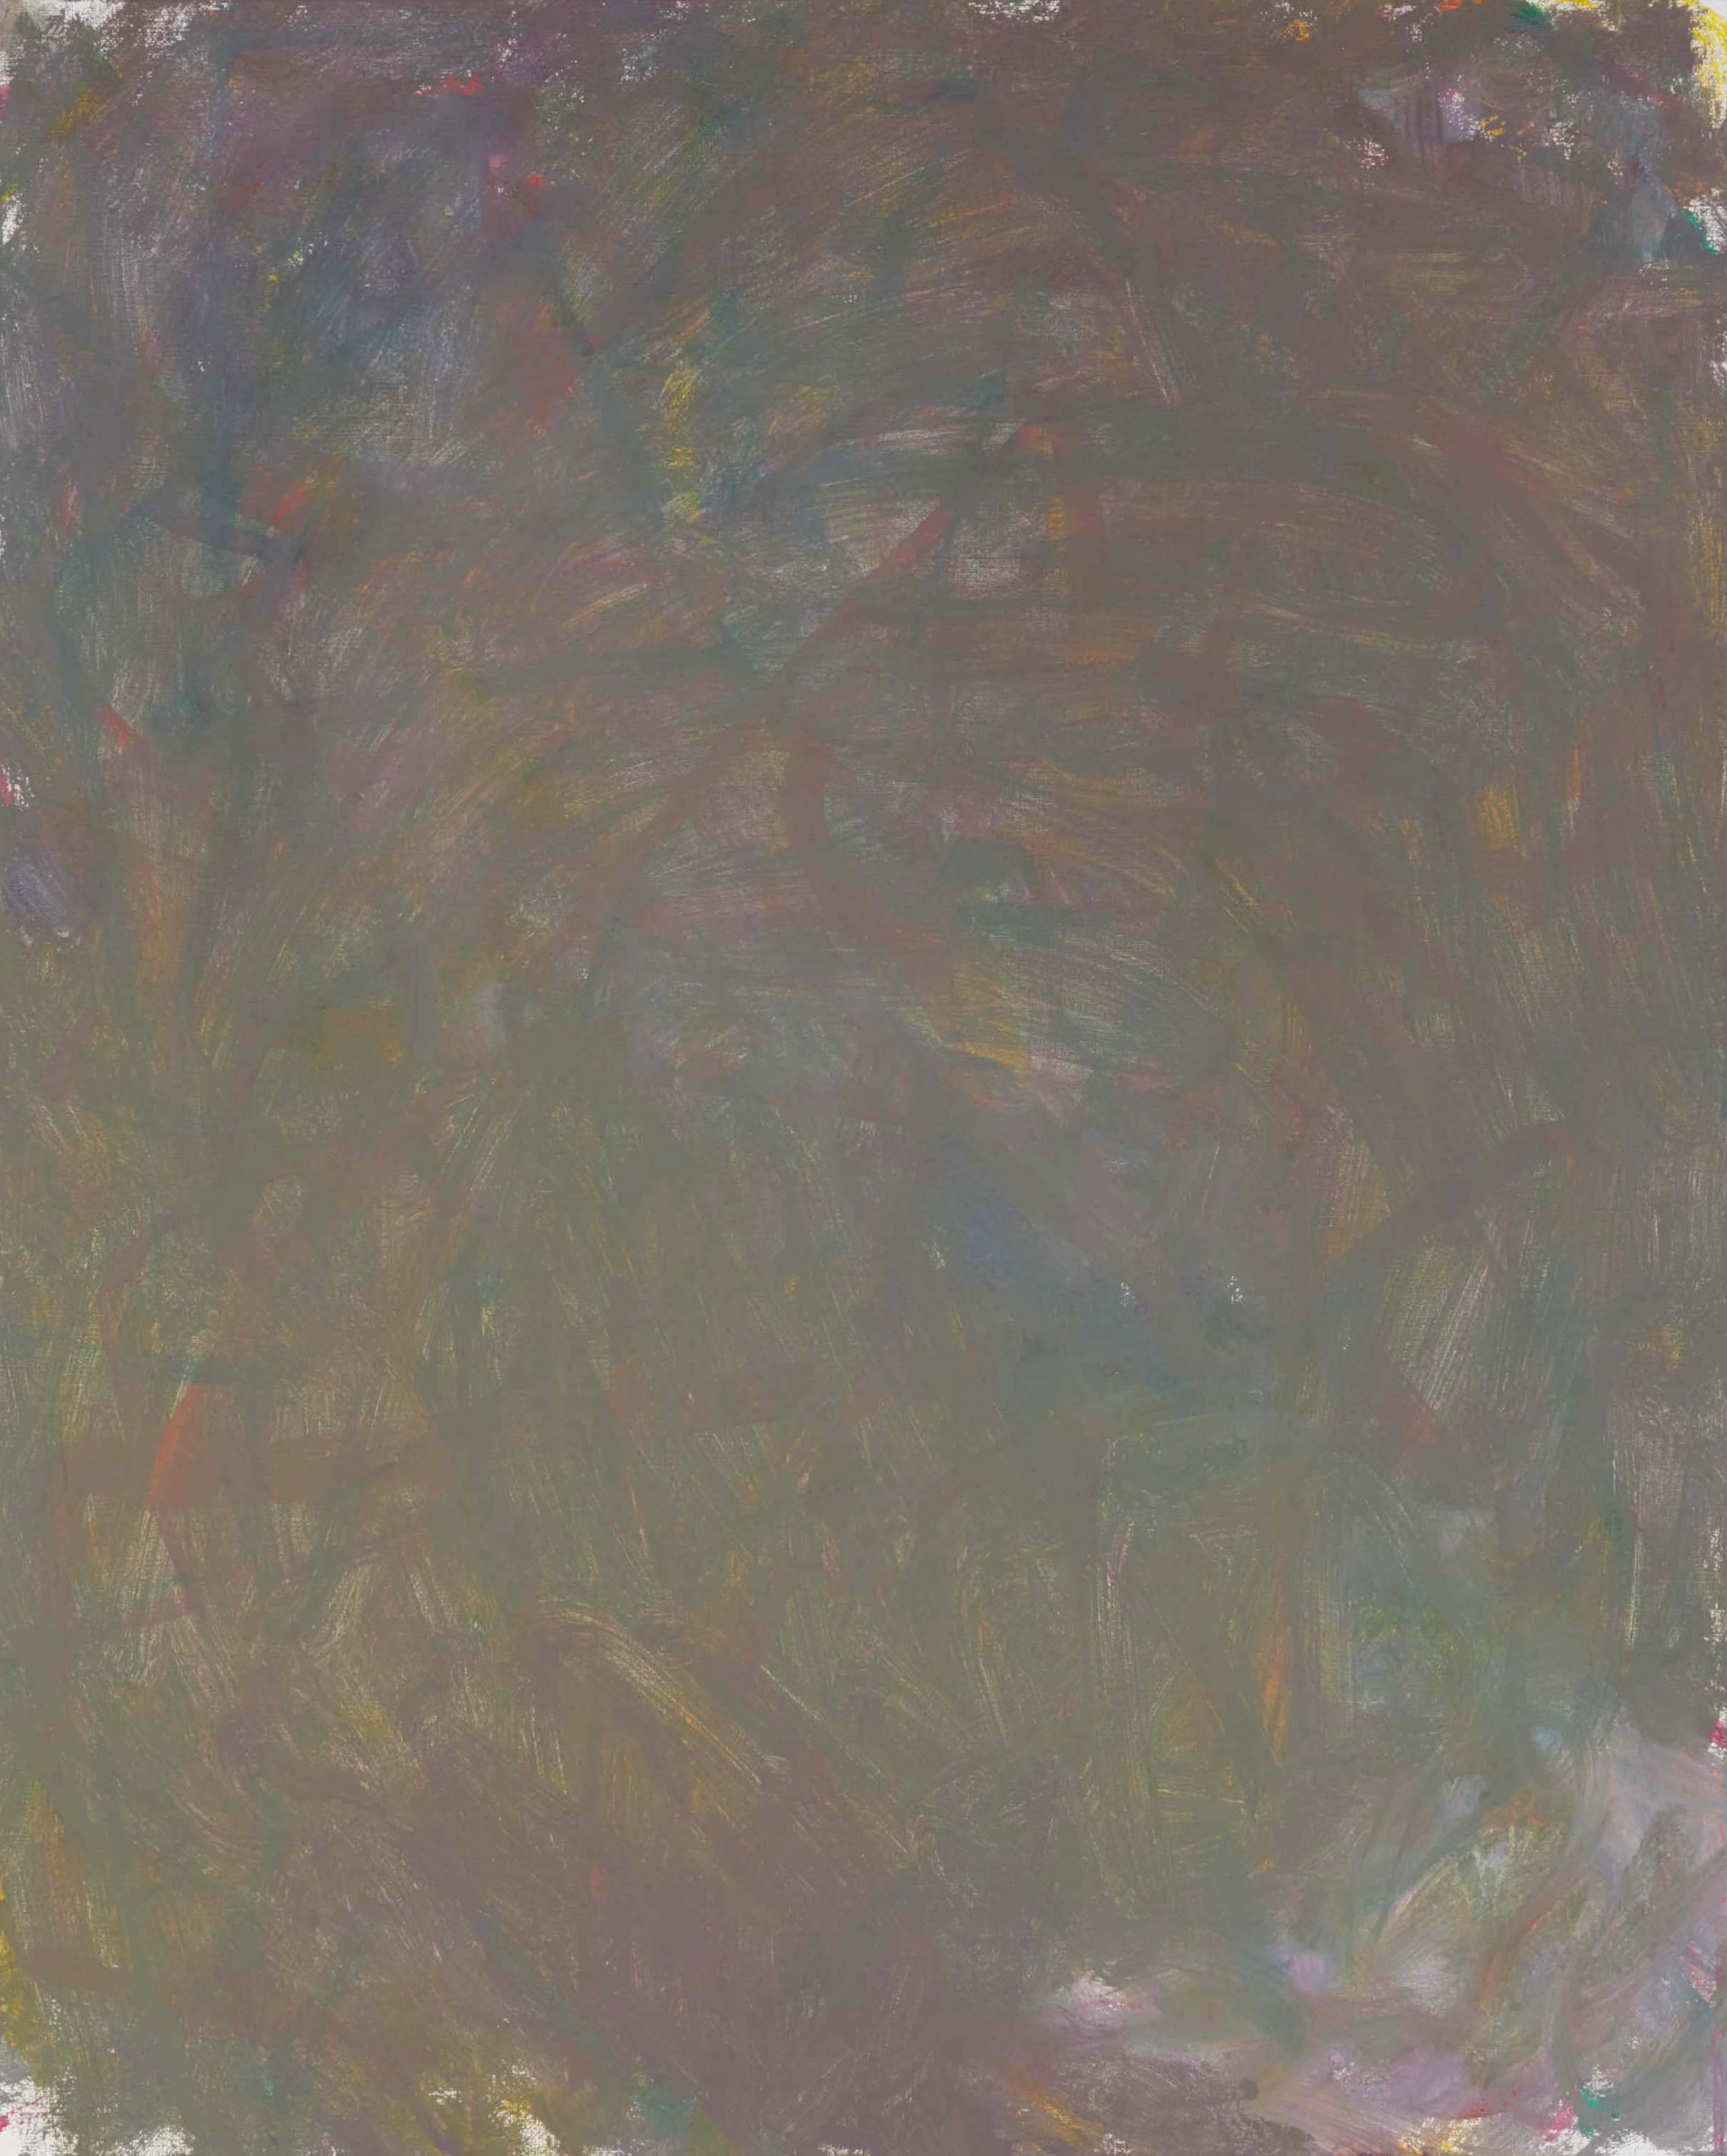 Sans titre (LA 01-13), 2019, acrylique sur toile, 81 x 65 cm